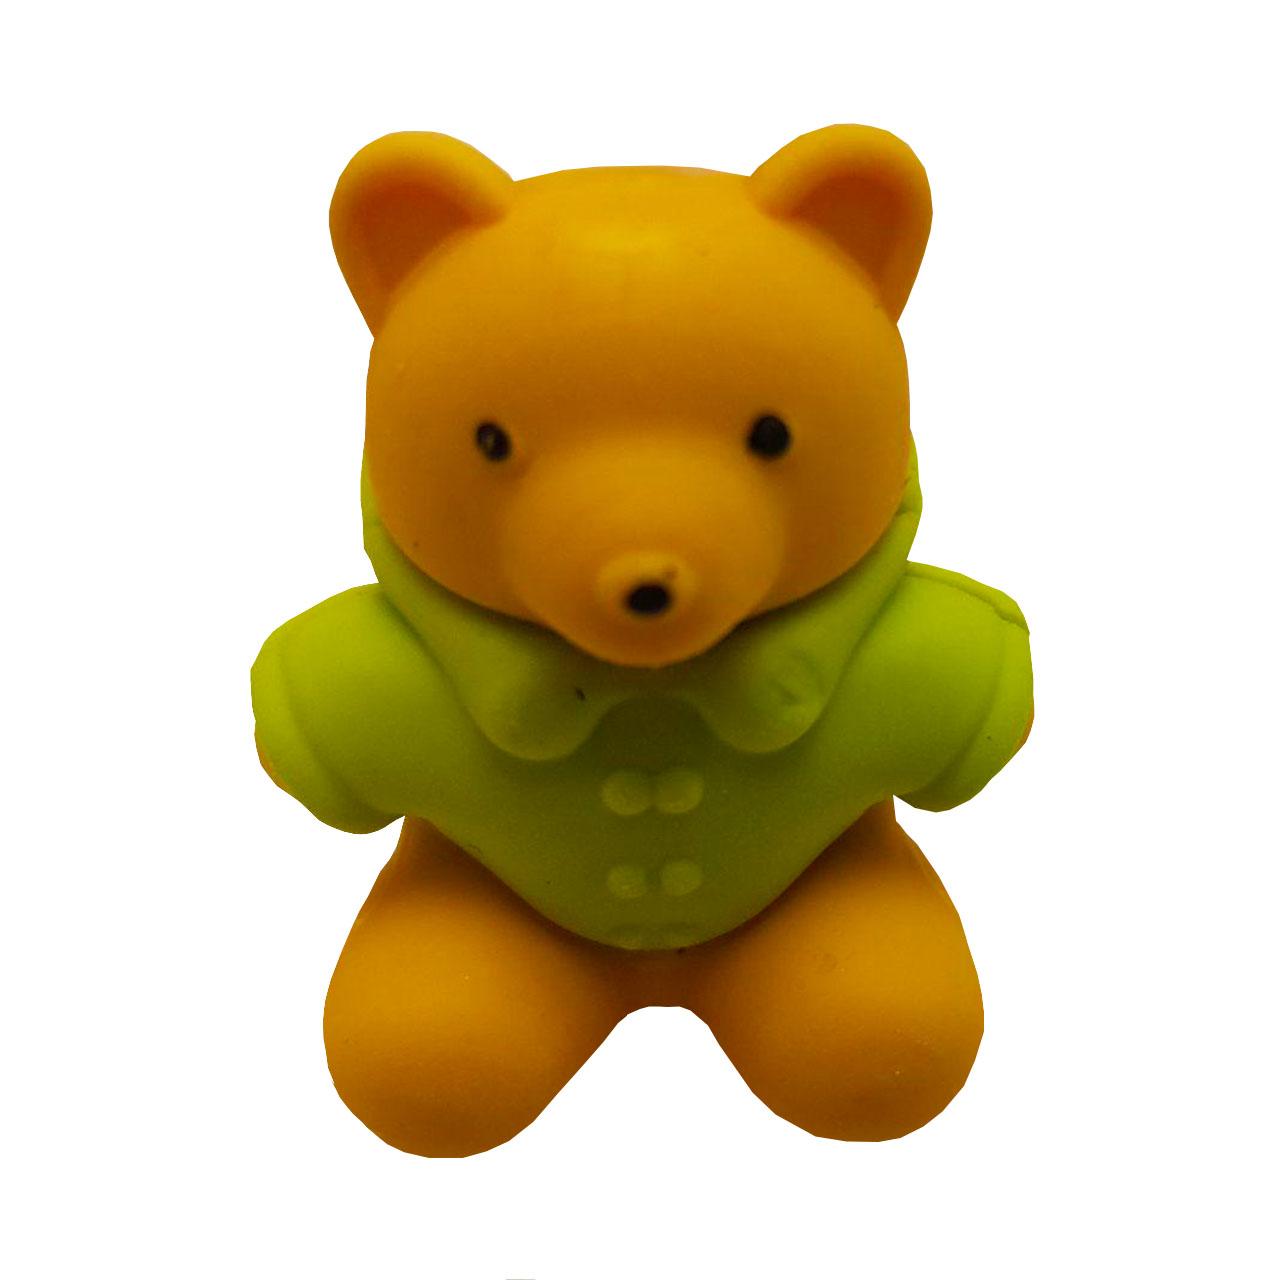 پاک کن طرح خرس کد F02